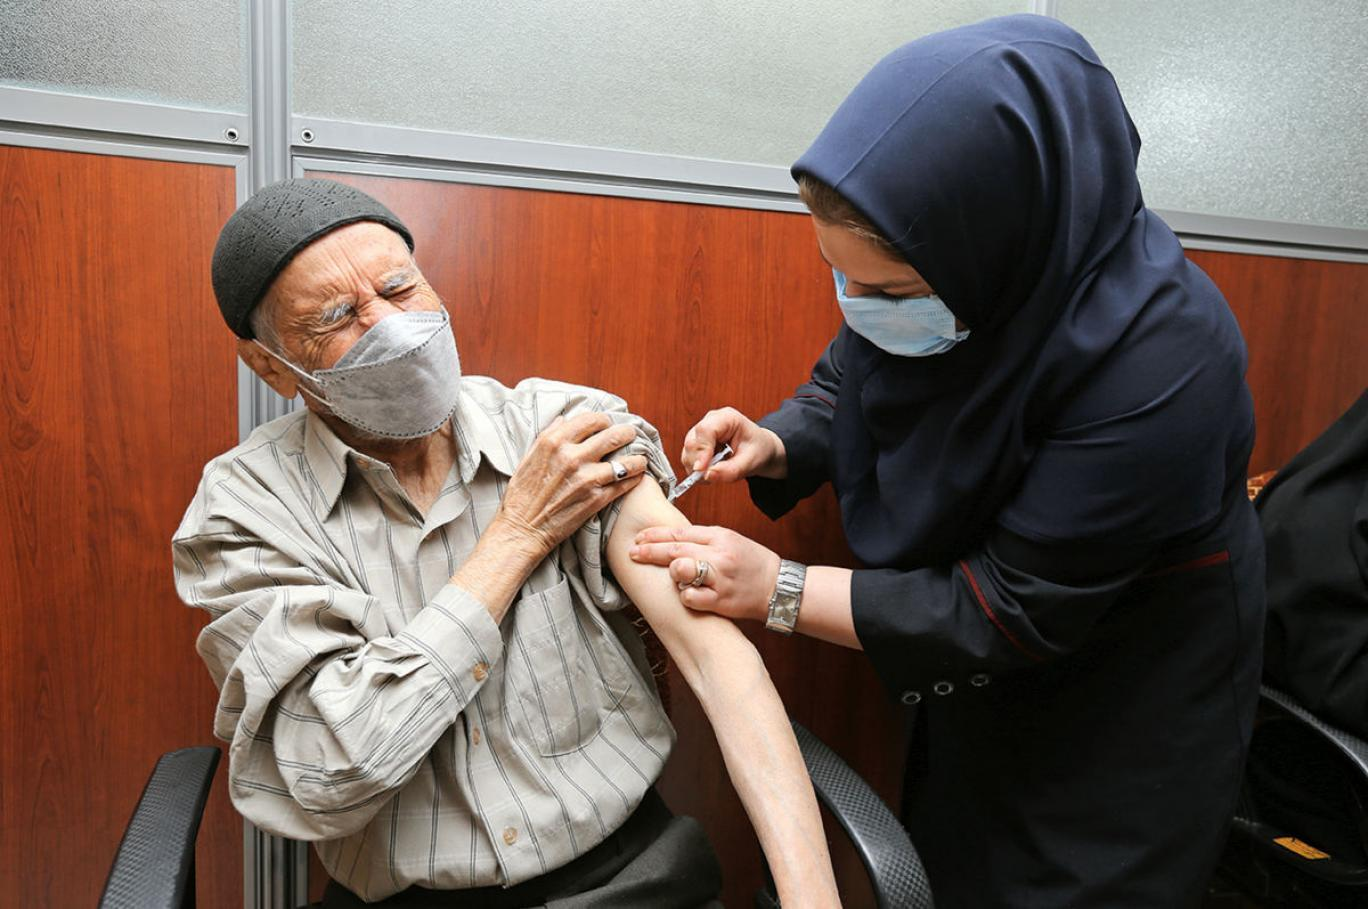 تاکنون شش میلیون و ۸۴۷ هزار و ۸۰۰ دوز واکسن کرونا وارد کشور شده است.